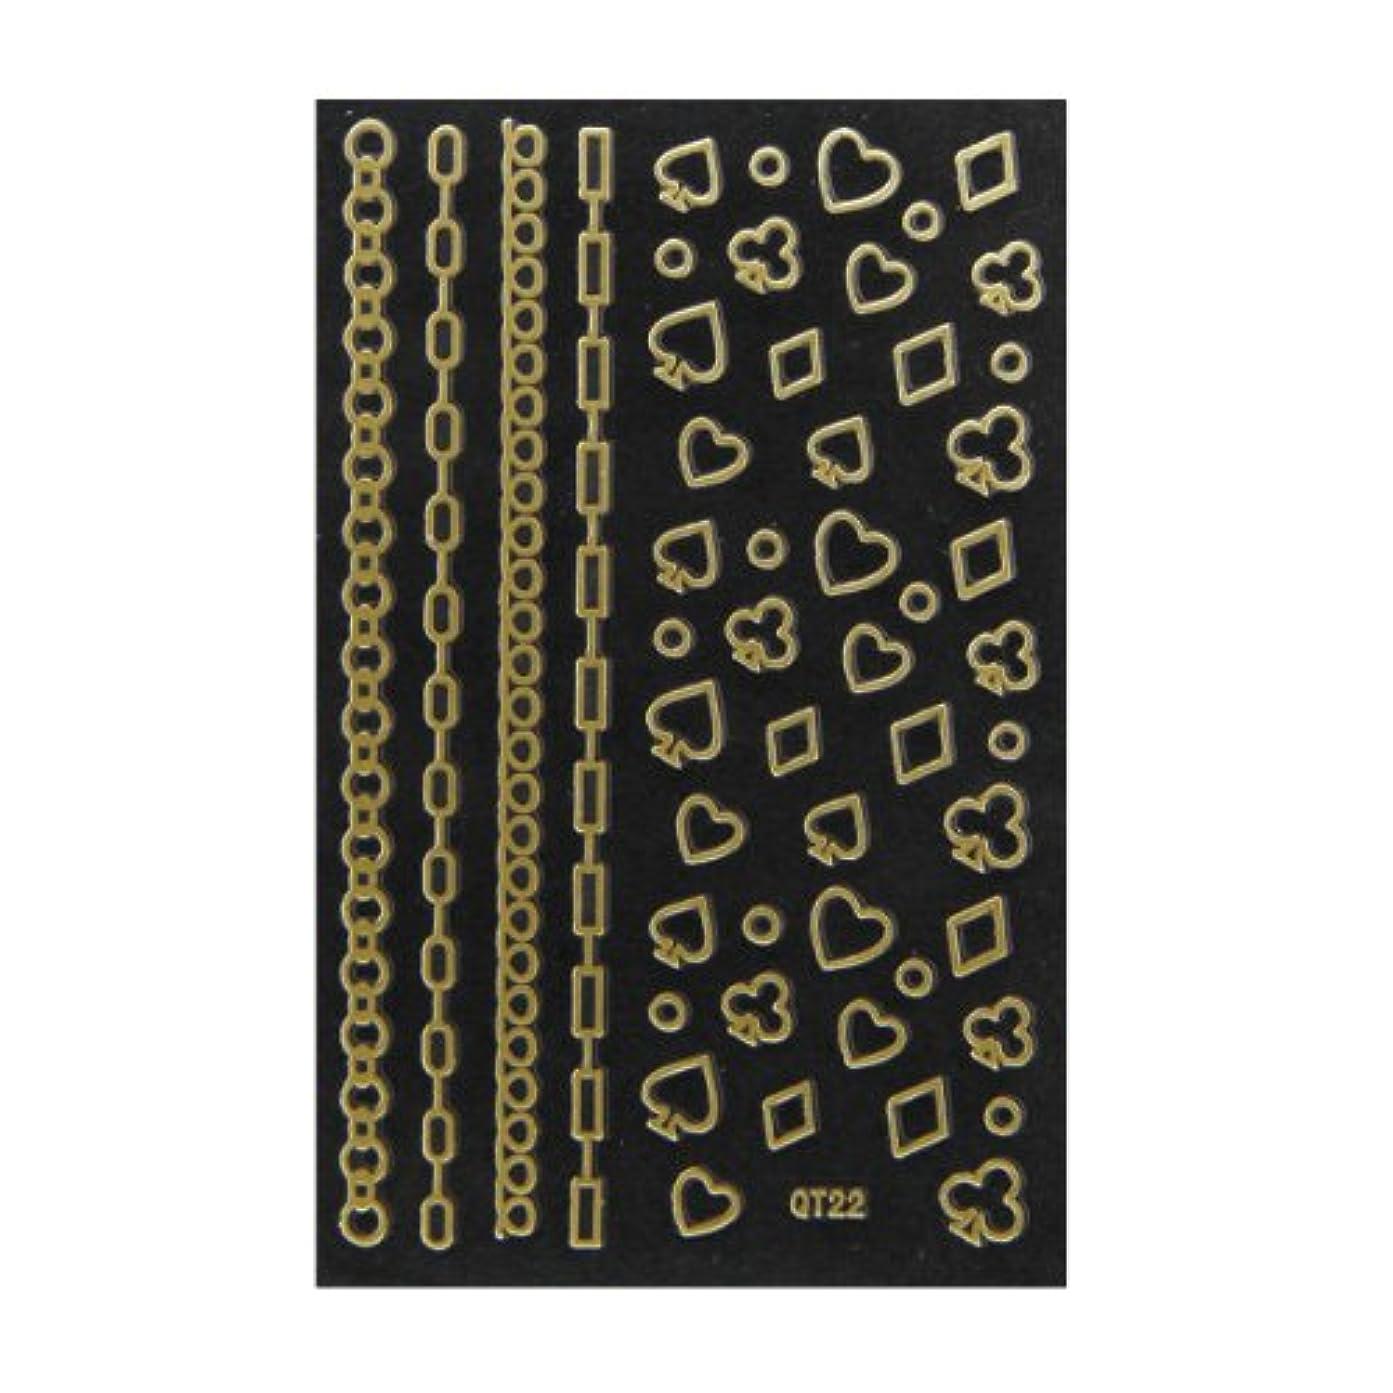 含める壁紙灌漑ネイルシール 3D ネイルシート ファッションネイル メタリックシール22 (ネイル用品)